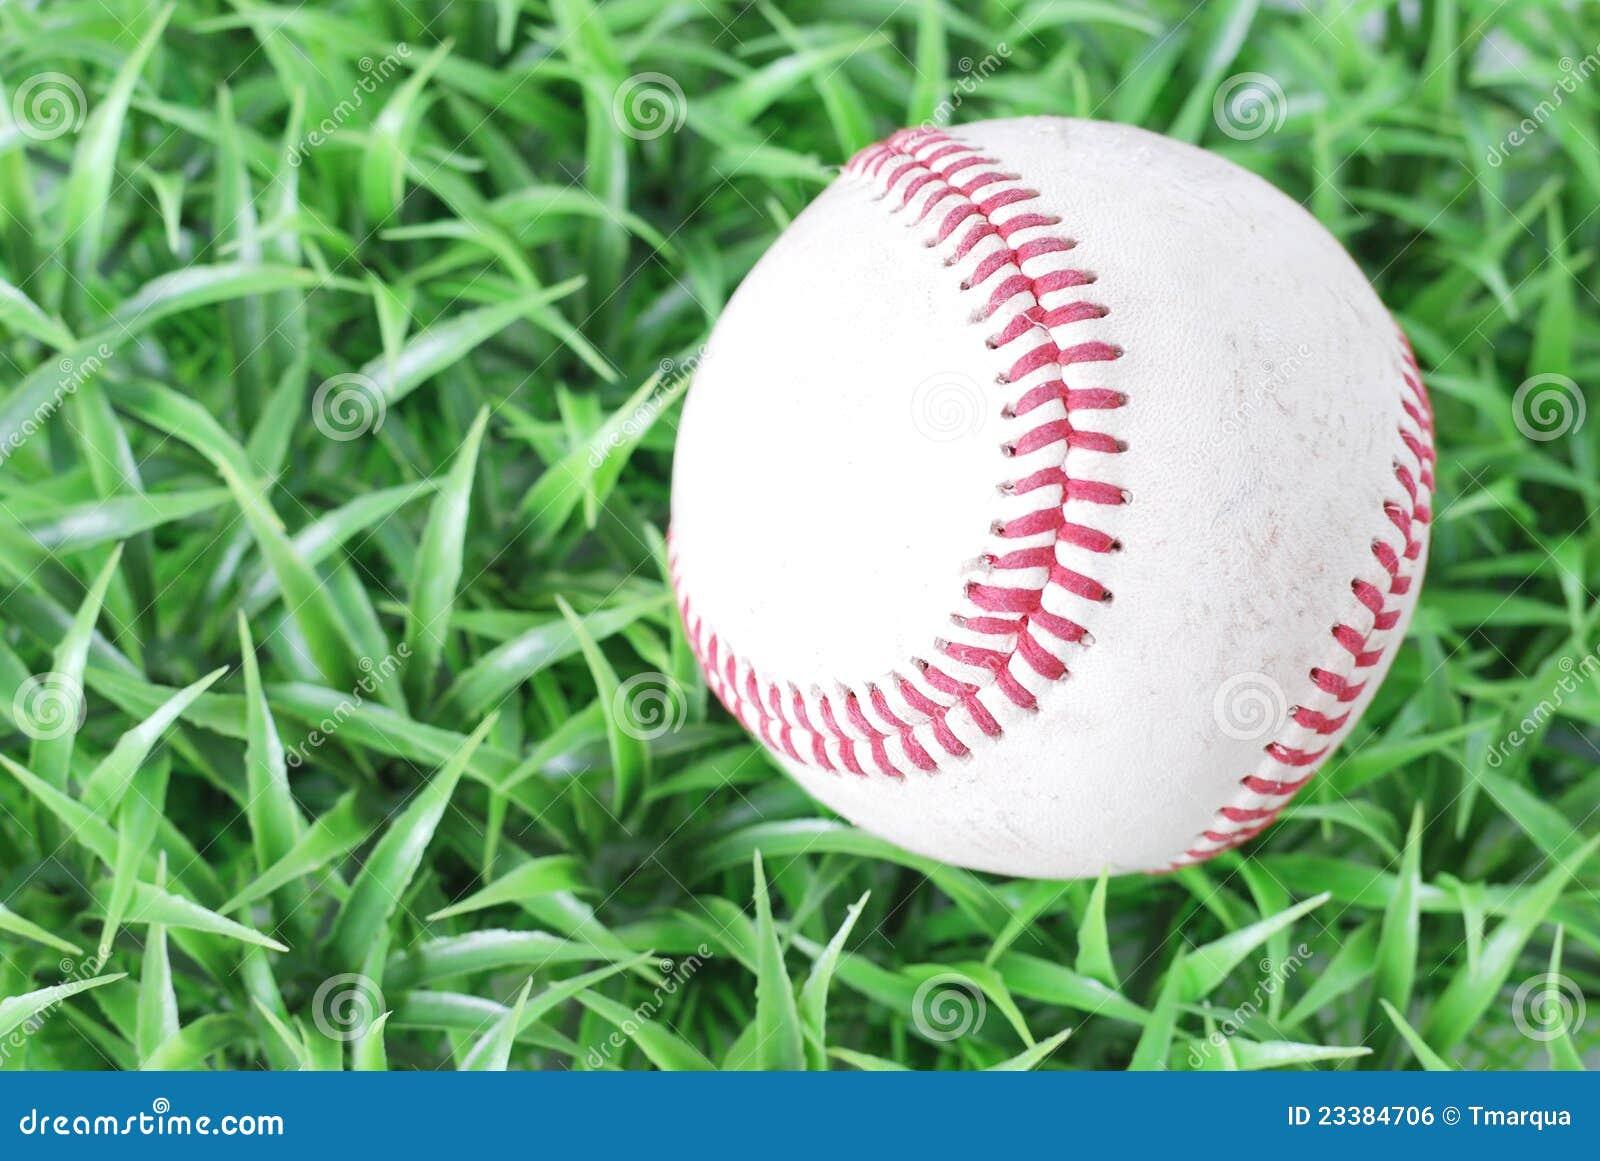 Basebol na grama